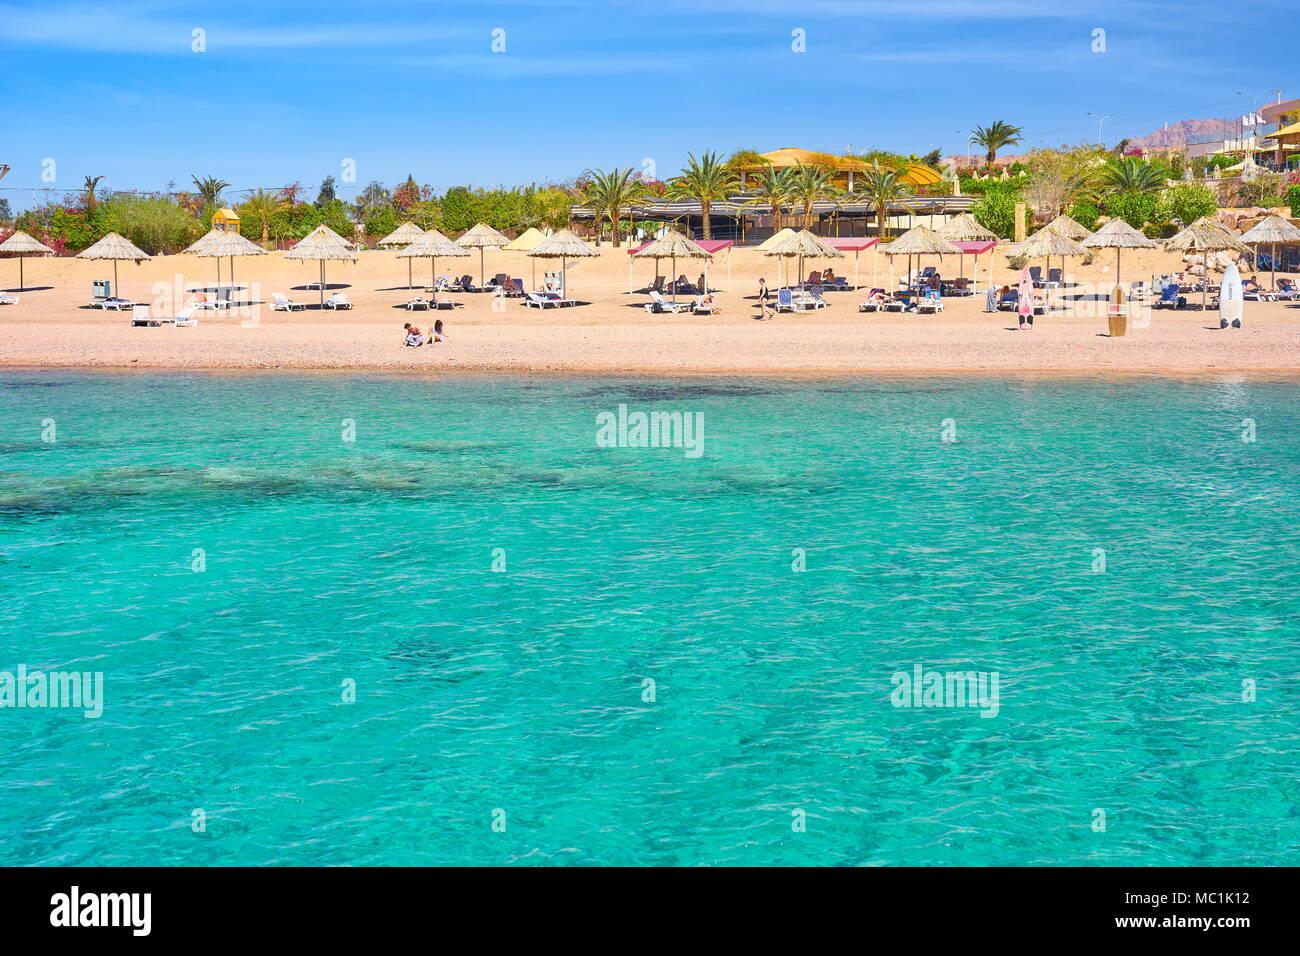 Beach resort Berenice, Aqaba, Jordan Stock Photo